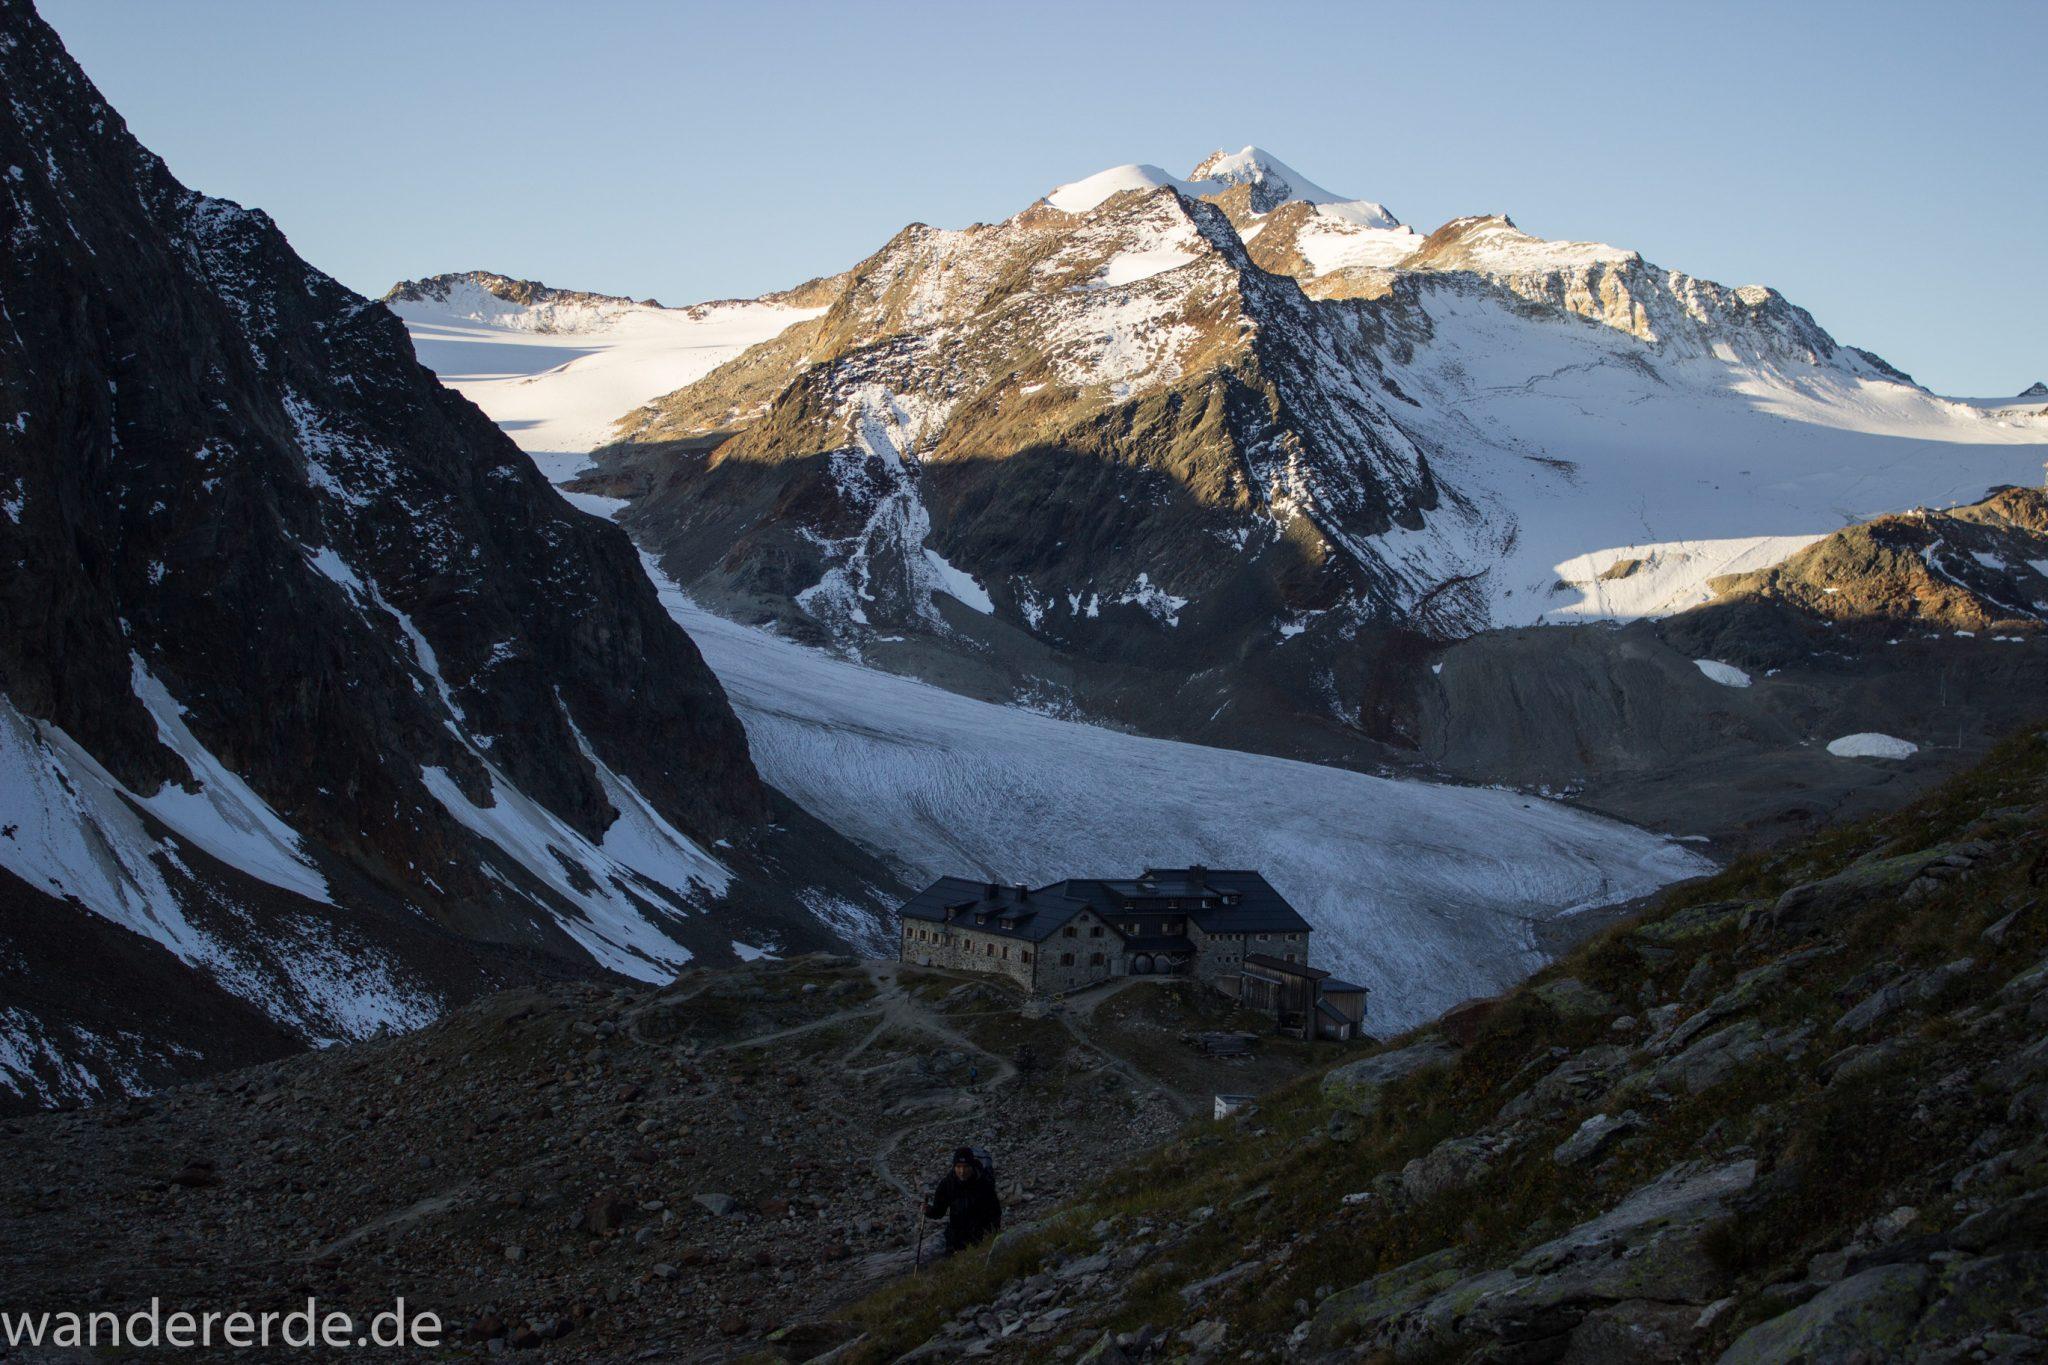 Alpenüberquerung Fernwanderweg E5 Oberstdorf Meran, 5. Etappe von Braunschweiger Hütte zur Martin-Busch-Hütte, zu Beginn der 5. Etappe Blick zurück auf die Braunschweiger Hütte und die umliegenden Berge der Alpen, Wanderer auf steilem und schmalem Wanderweg mit viel Geröll hinauf zum Pitztaler Jöchl, beeindruckende Berge türmen sich vor einem auf, Reste von Schneefeldern